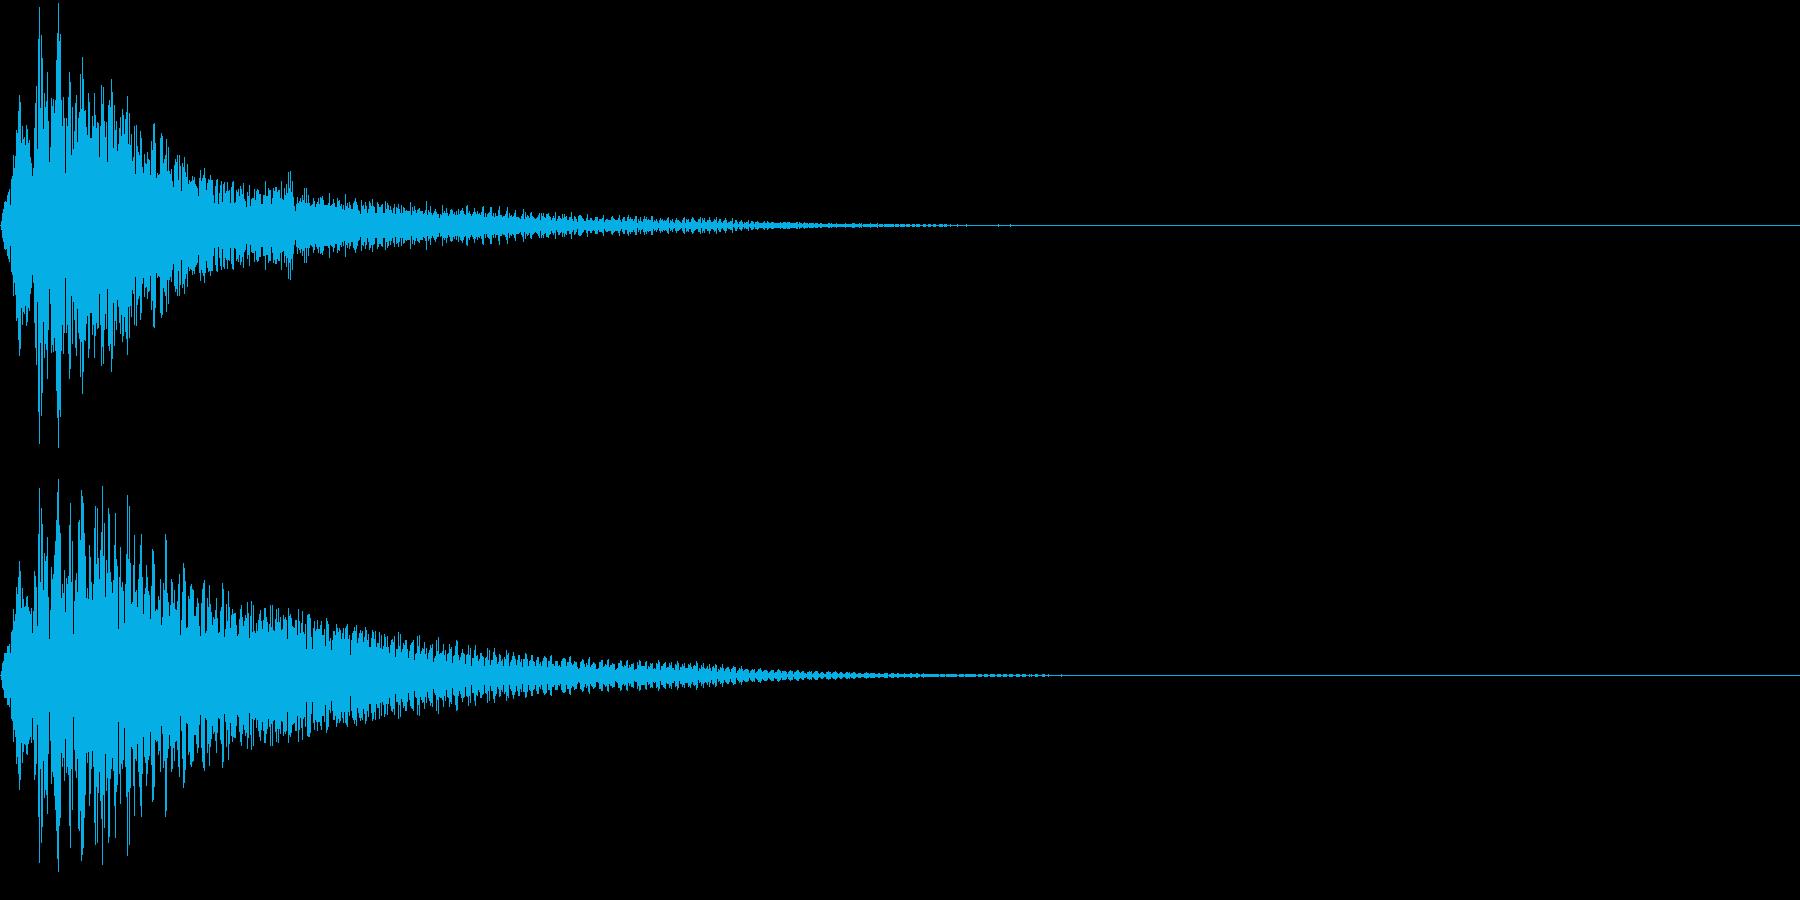 KAKUGE 格闘ゲーム戦闘音 52の再生済みの波形